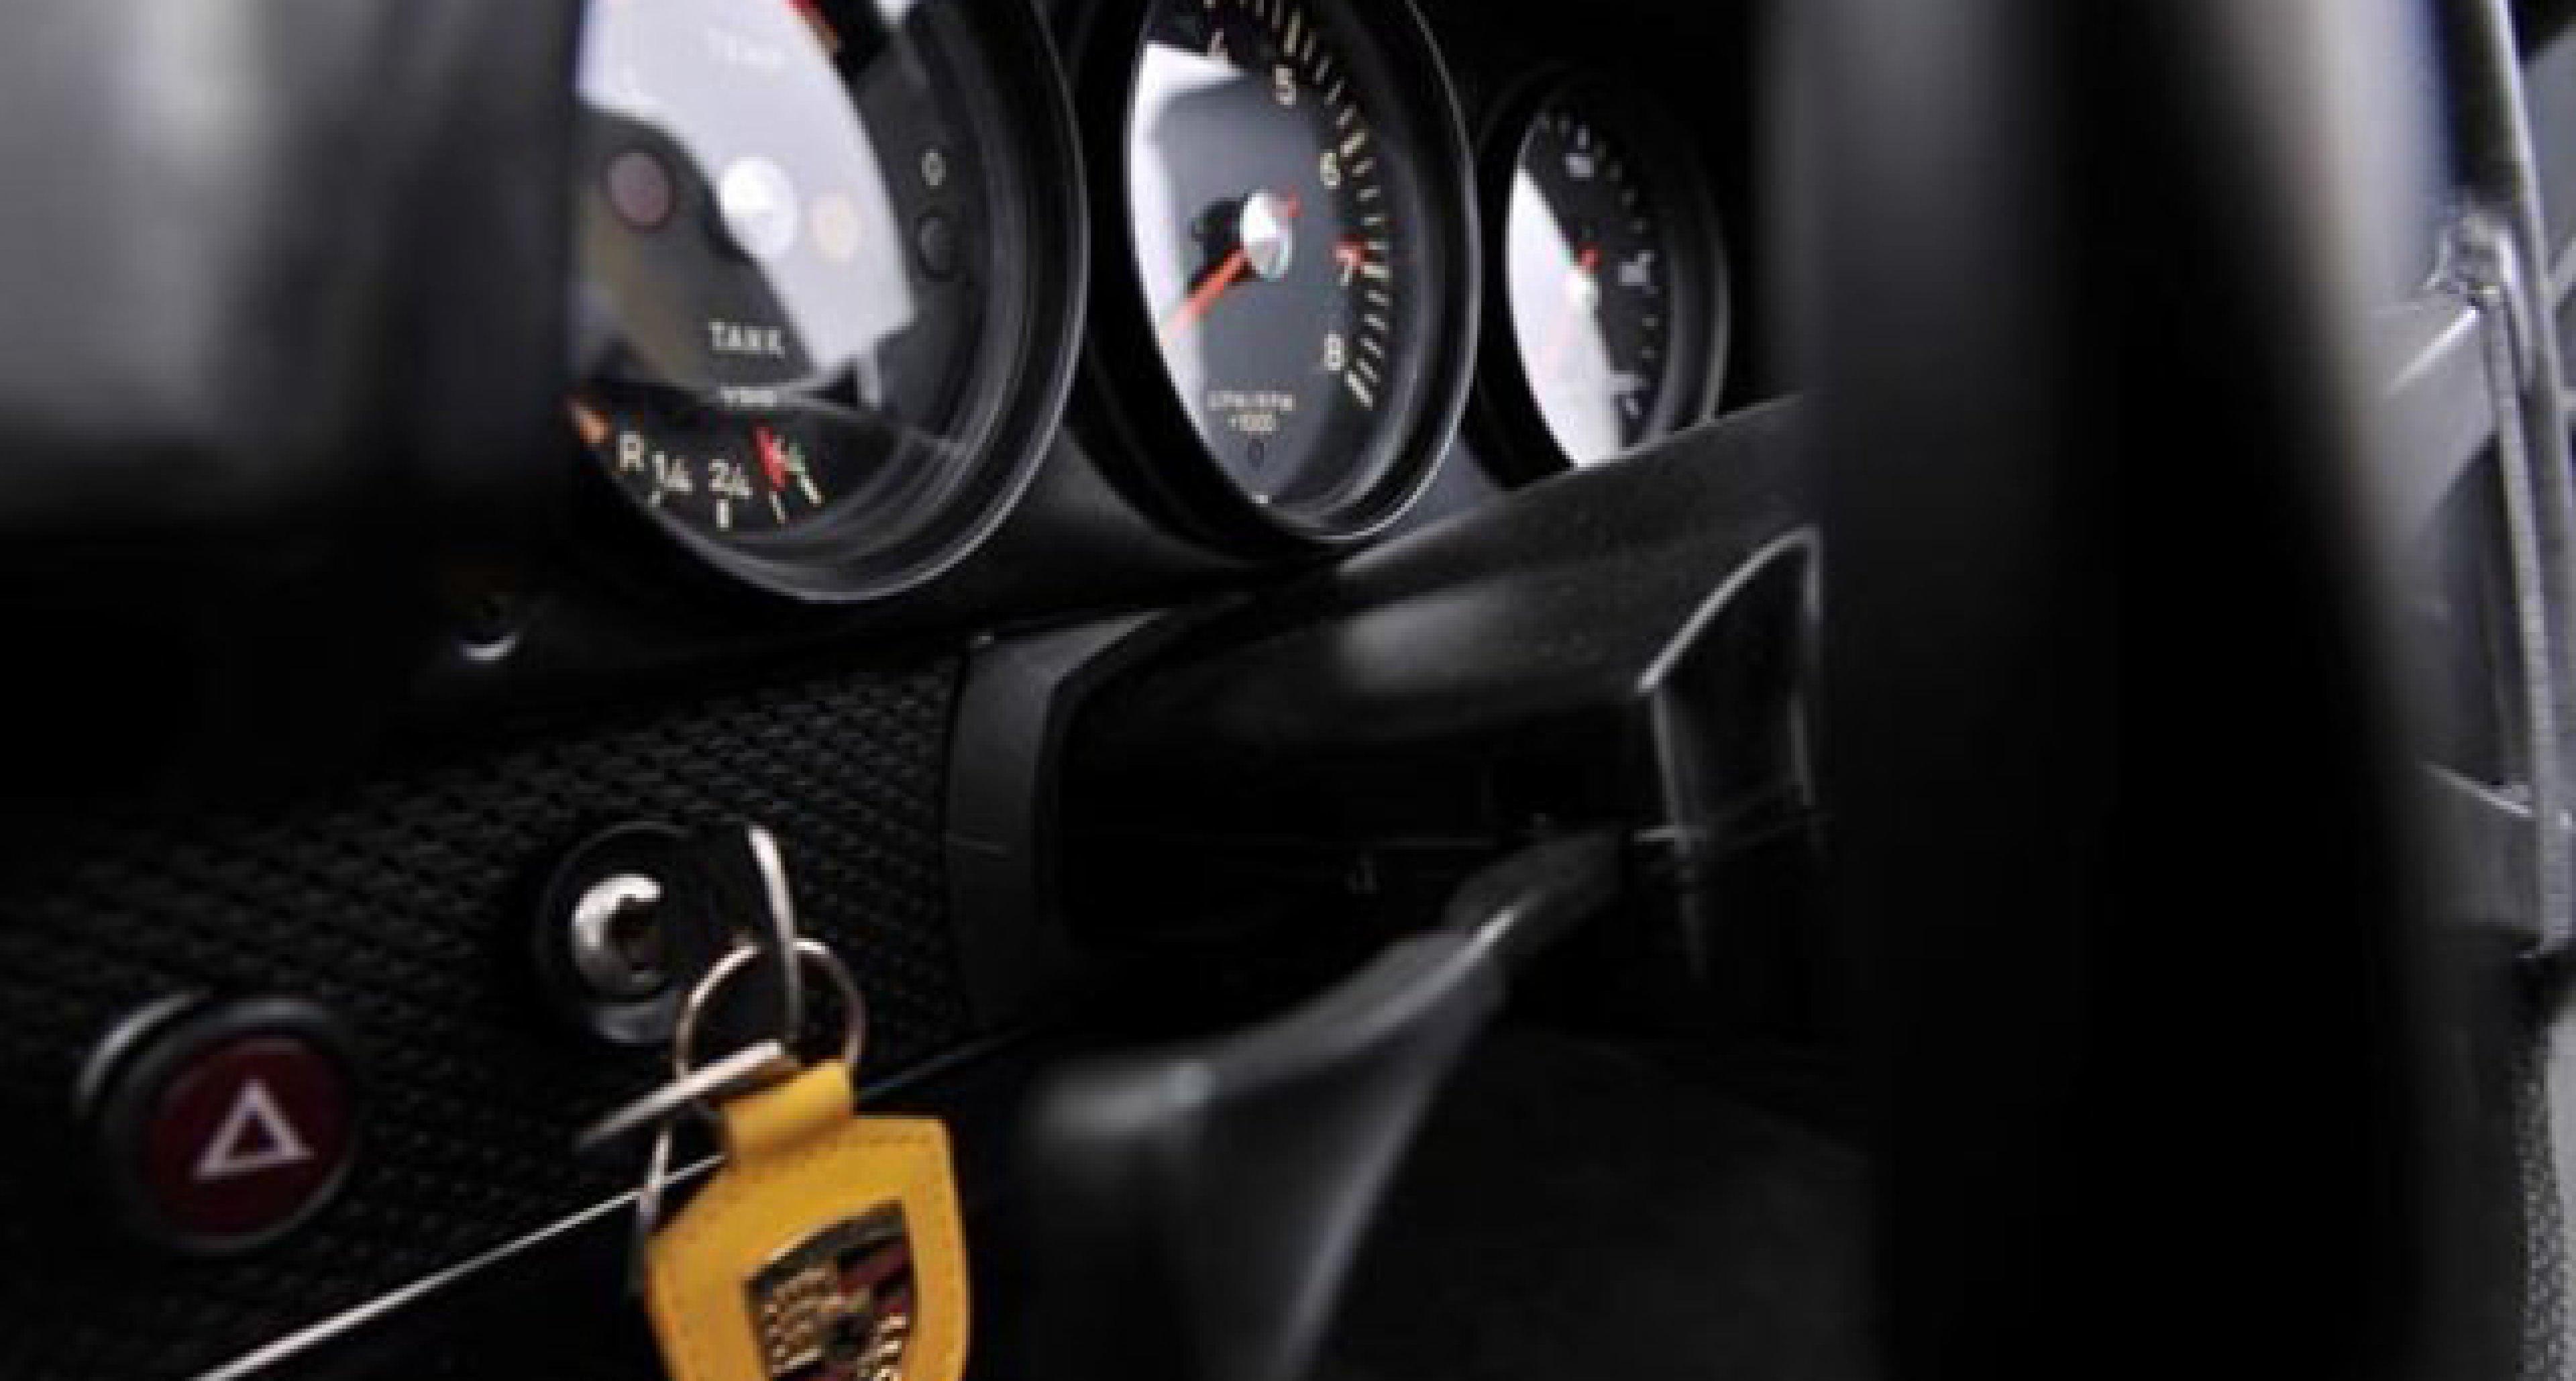 Editor's Choice: 1970 Porsche 914/6